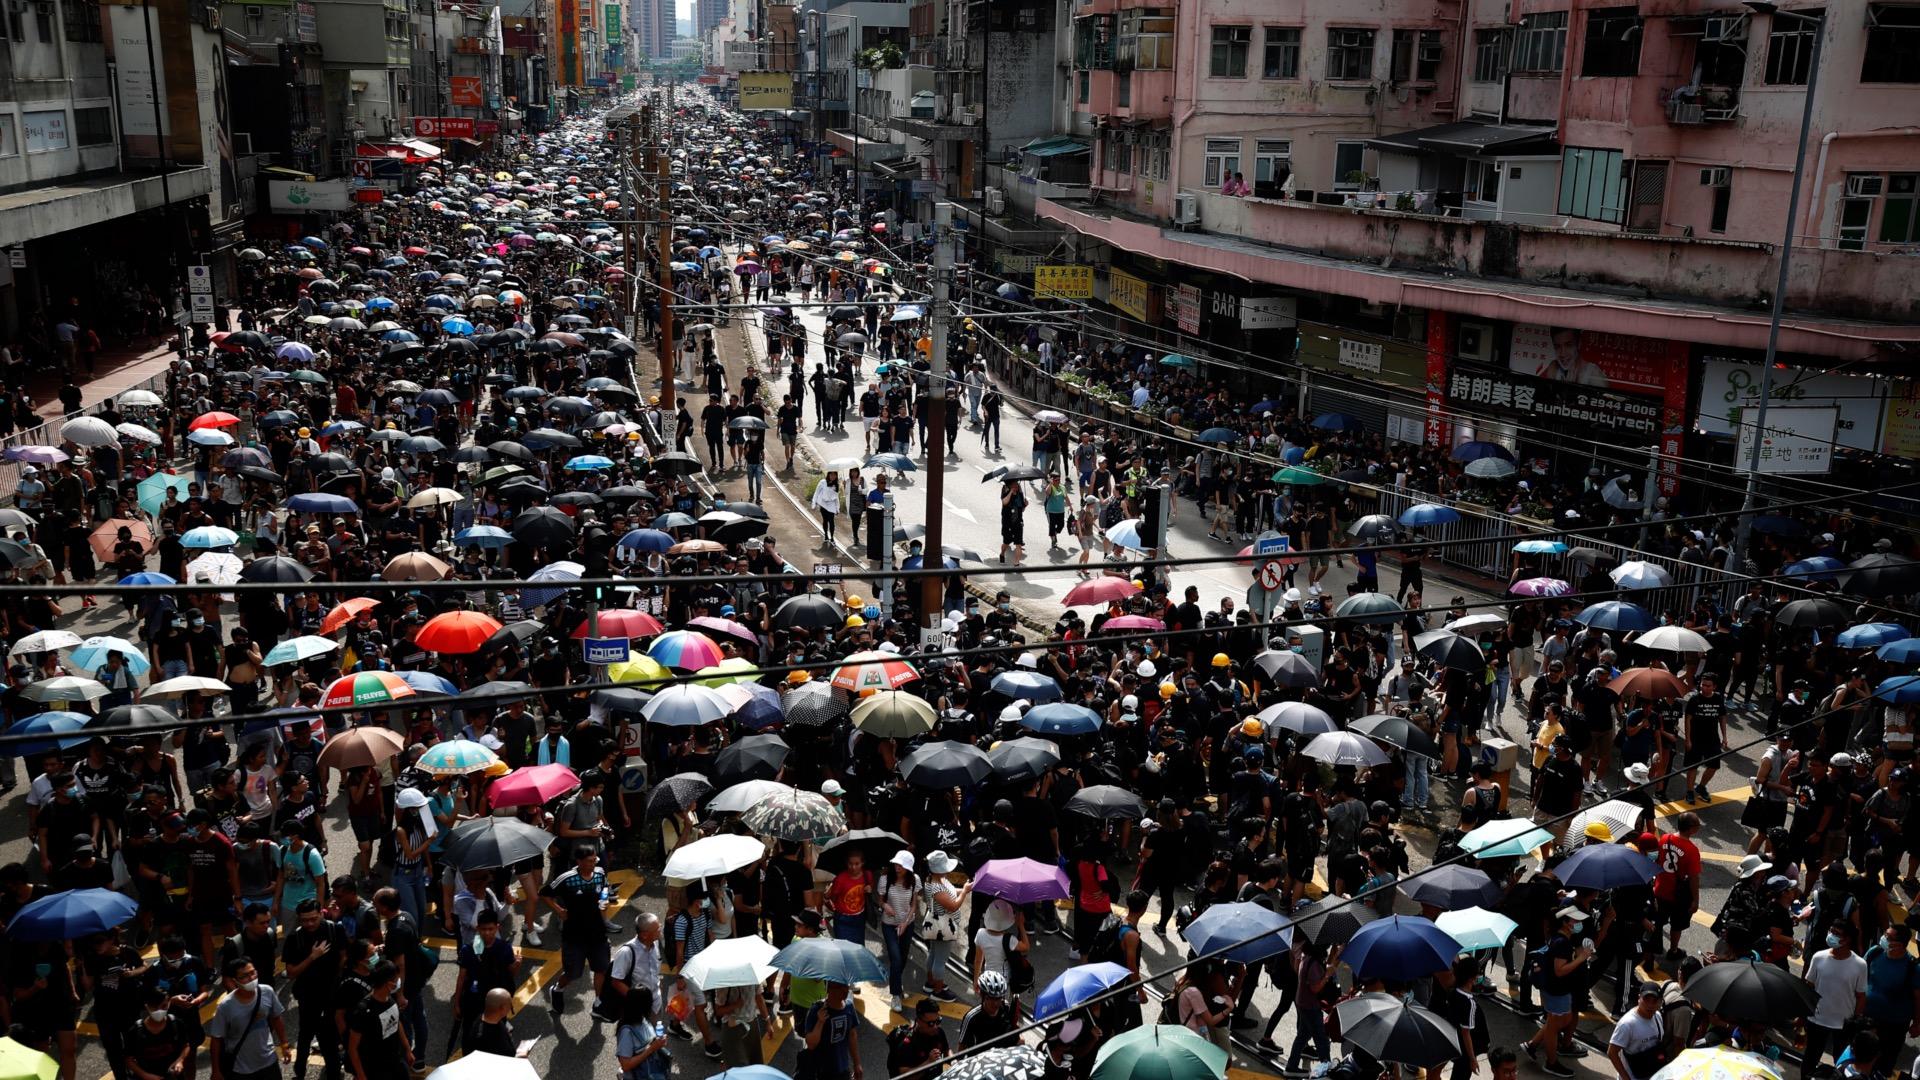 hong kong protests - photo #8